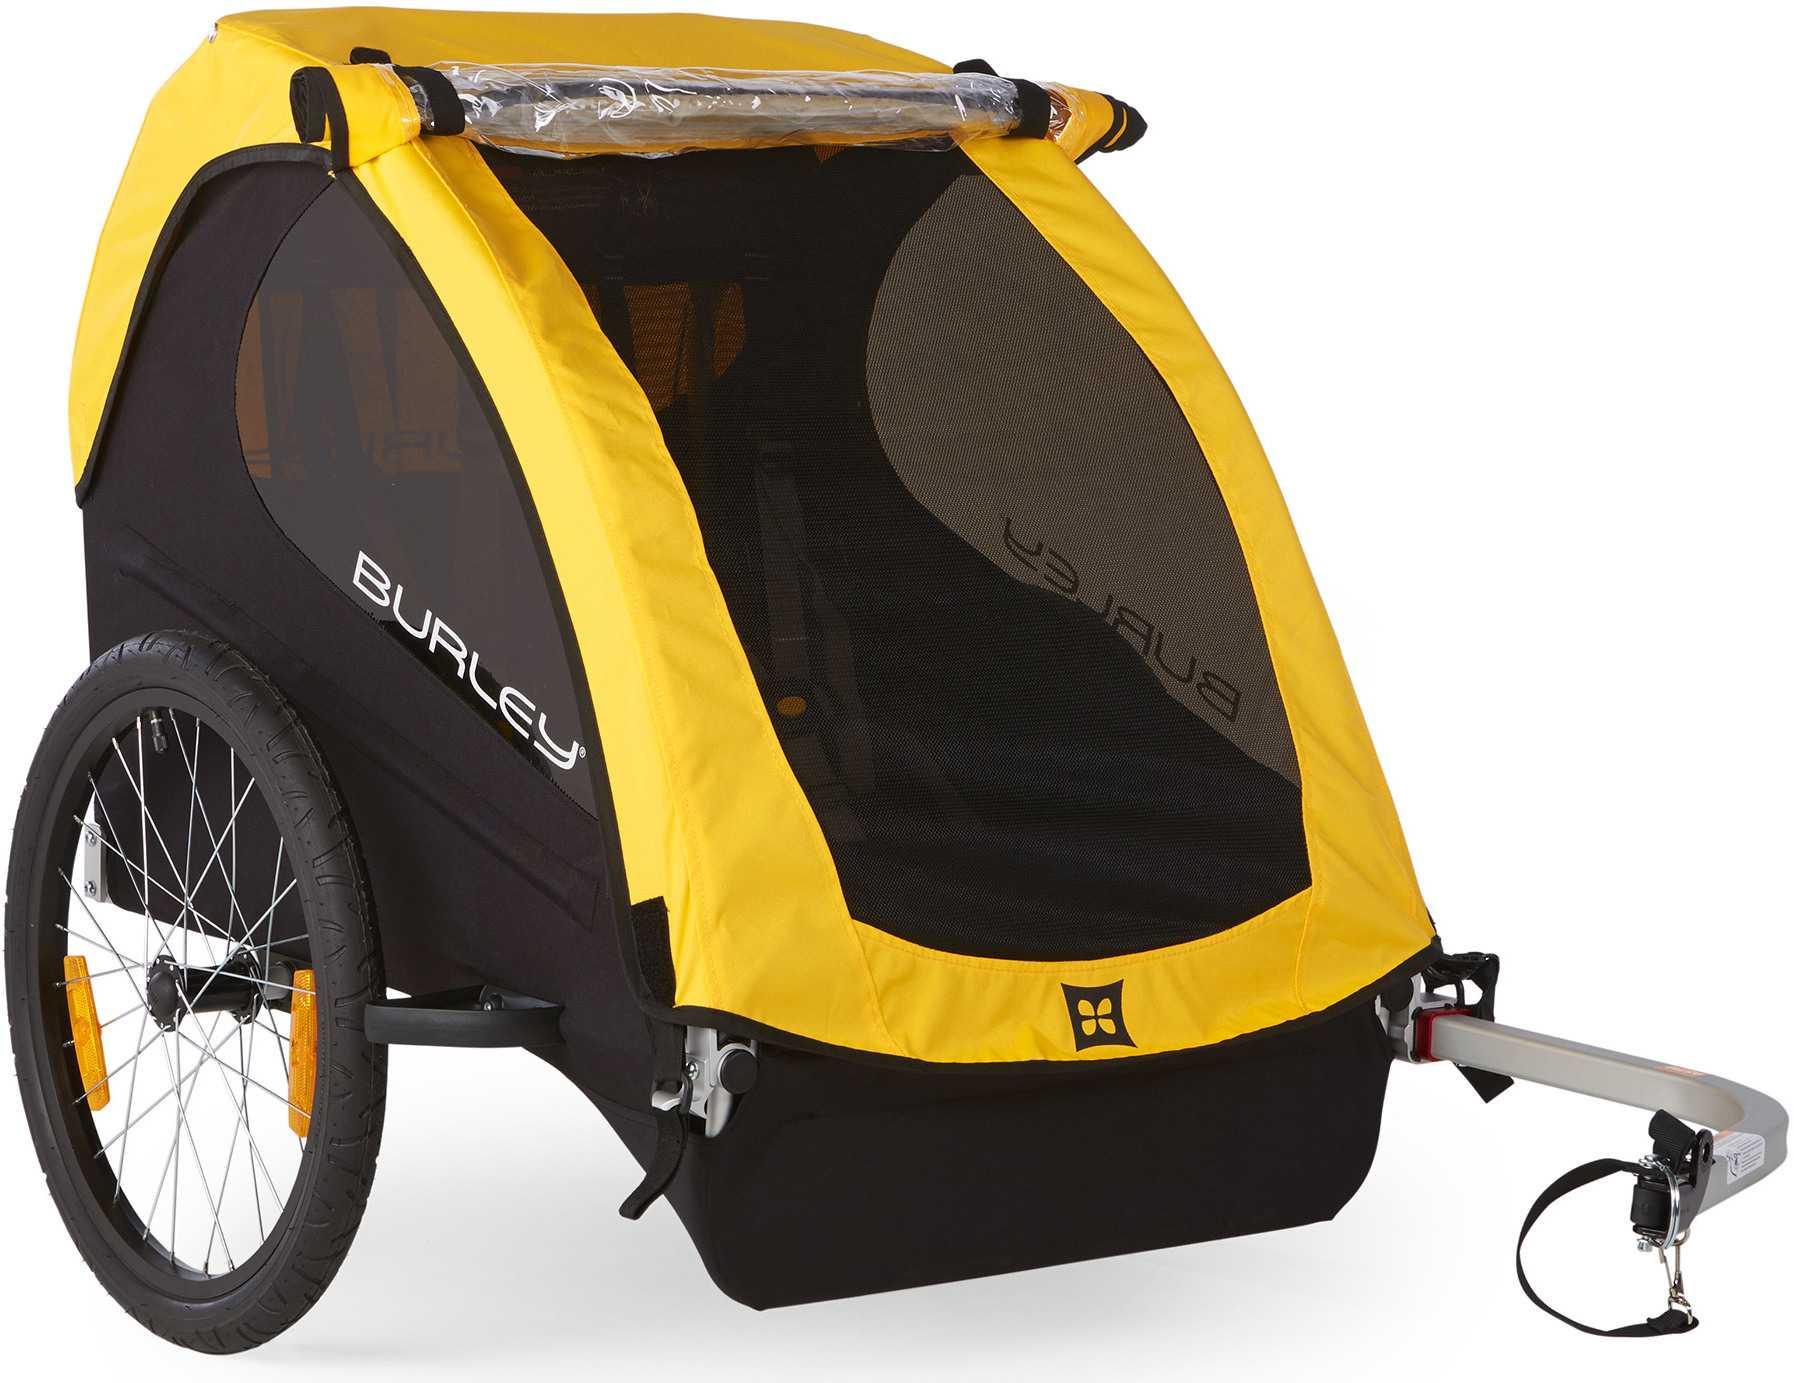 Cykelvagn Burley Bee 2 barn gul